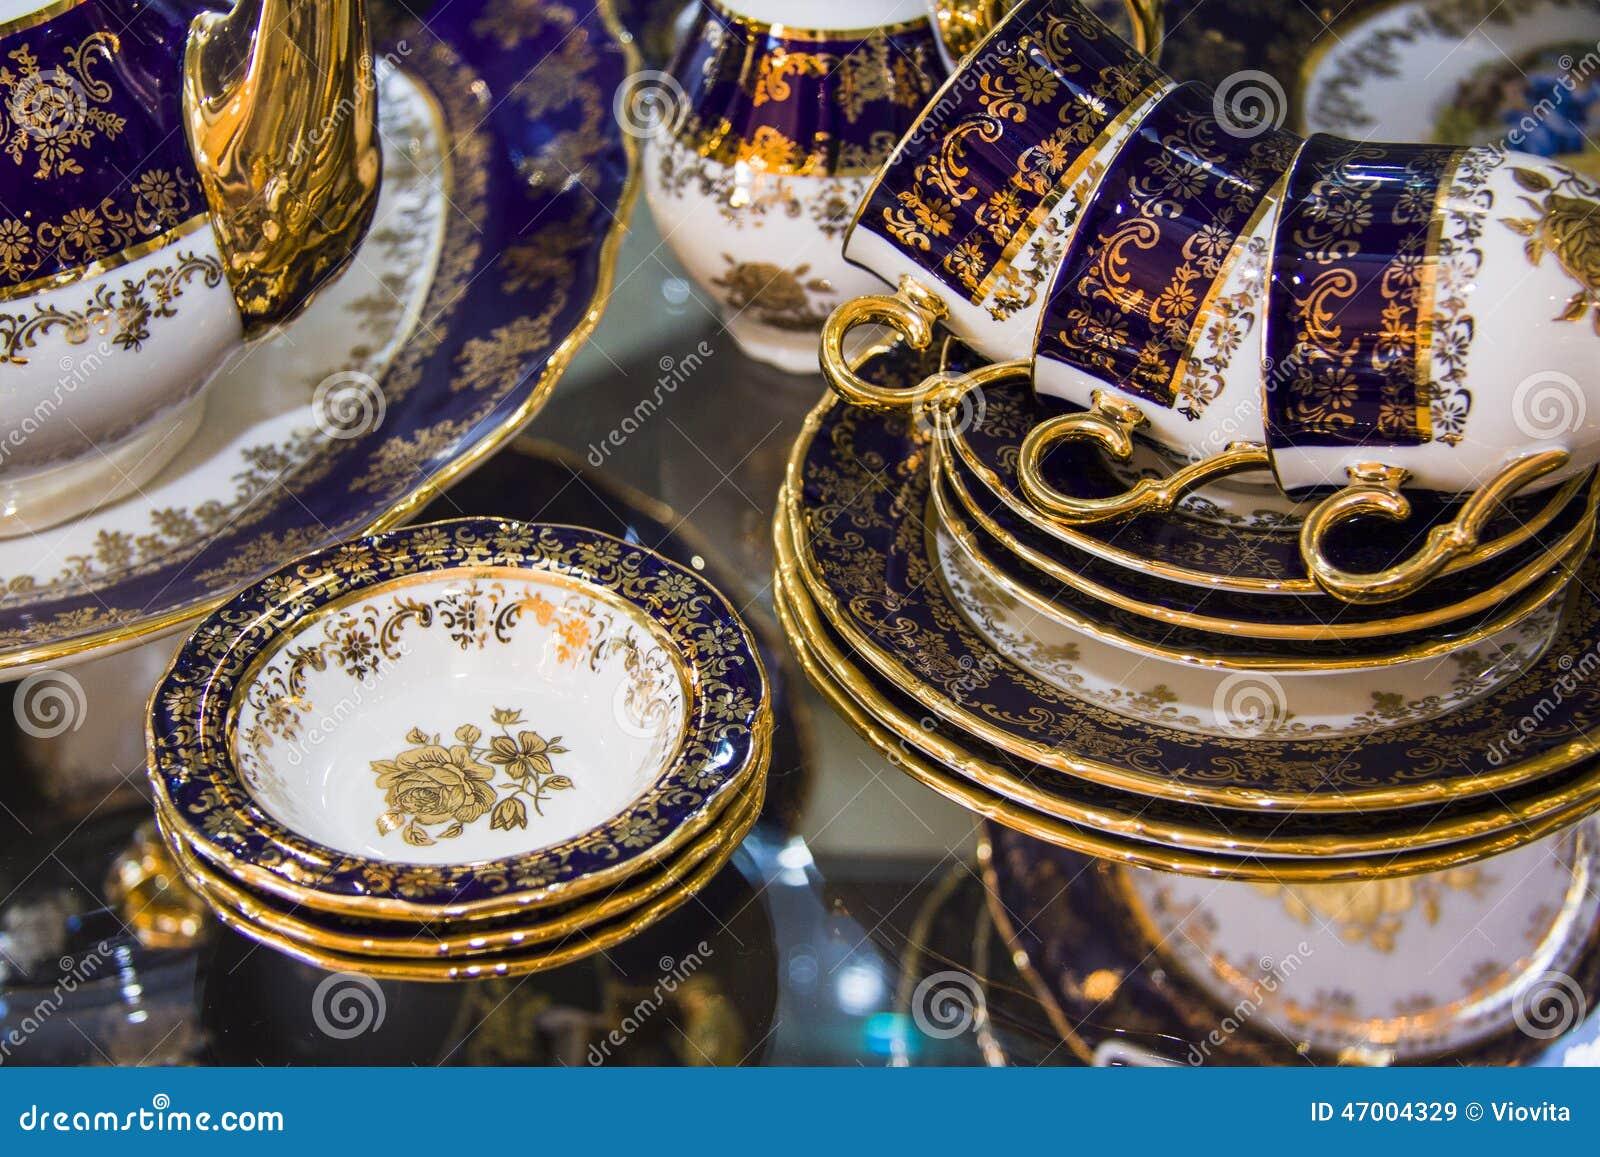 Vaisselle de luxe de porcelaine photo stock image 47004329 - Vaisselle de porcelaine ...